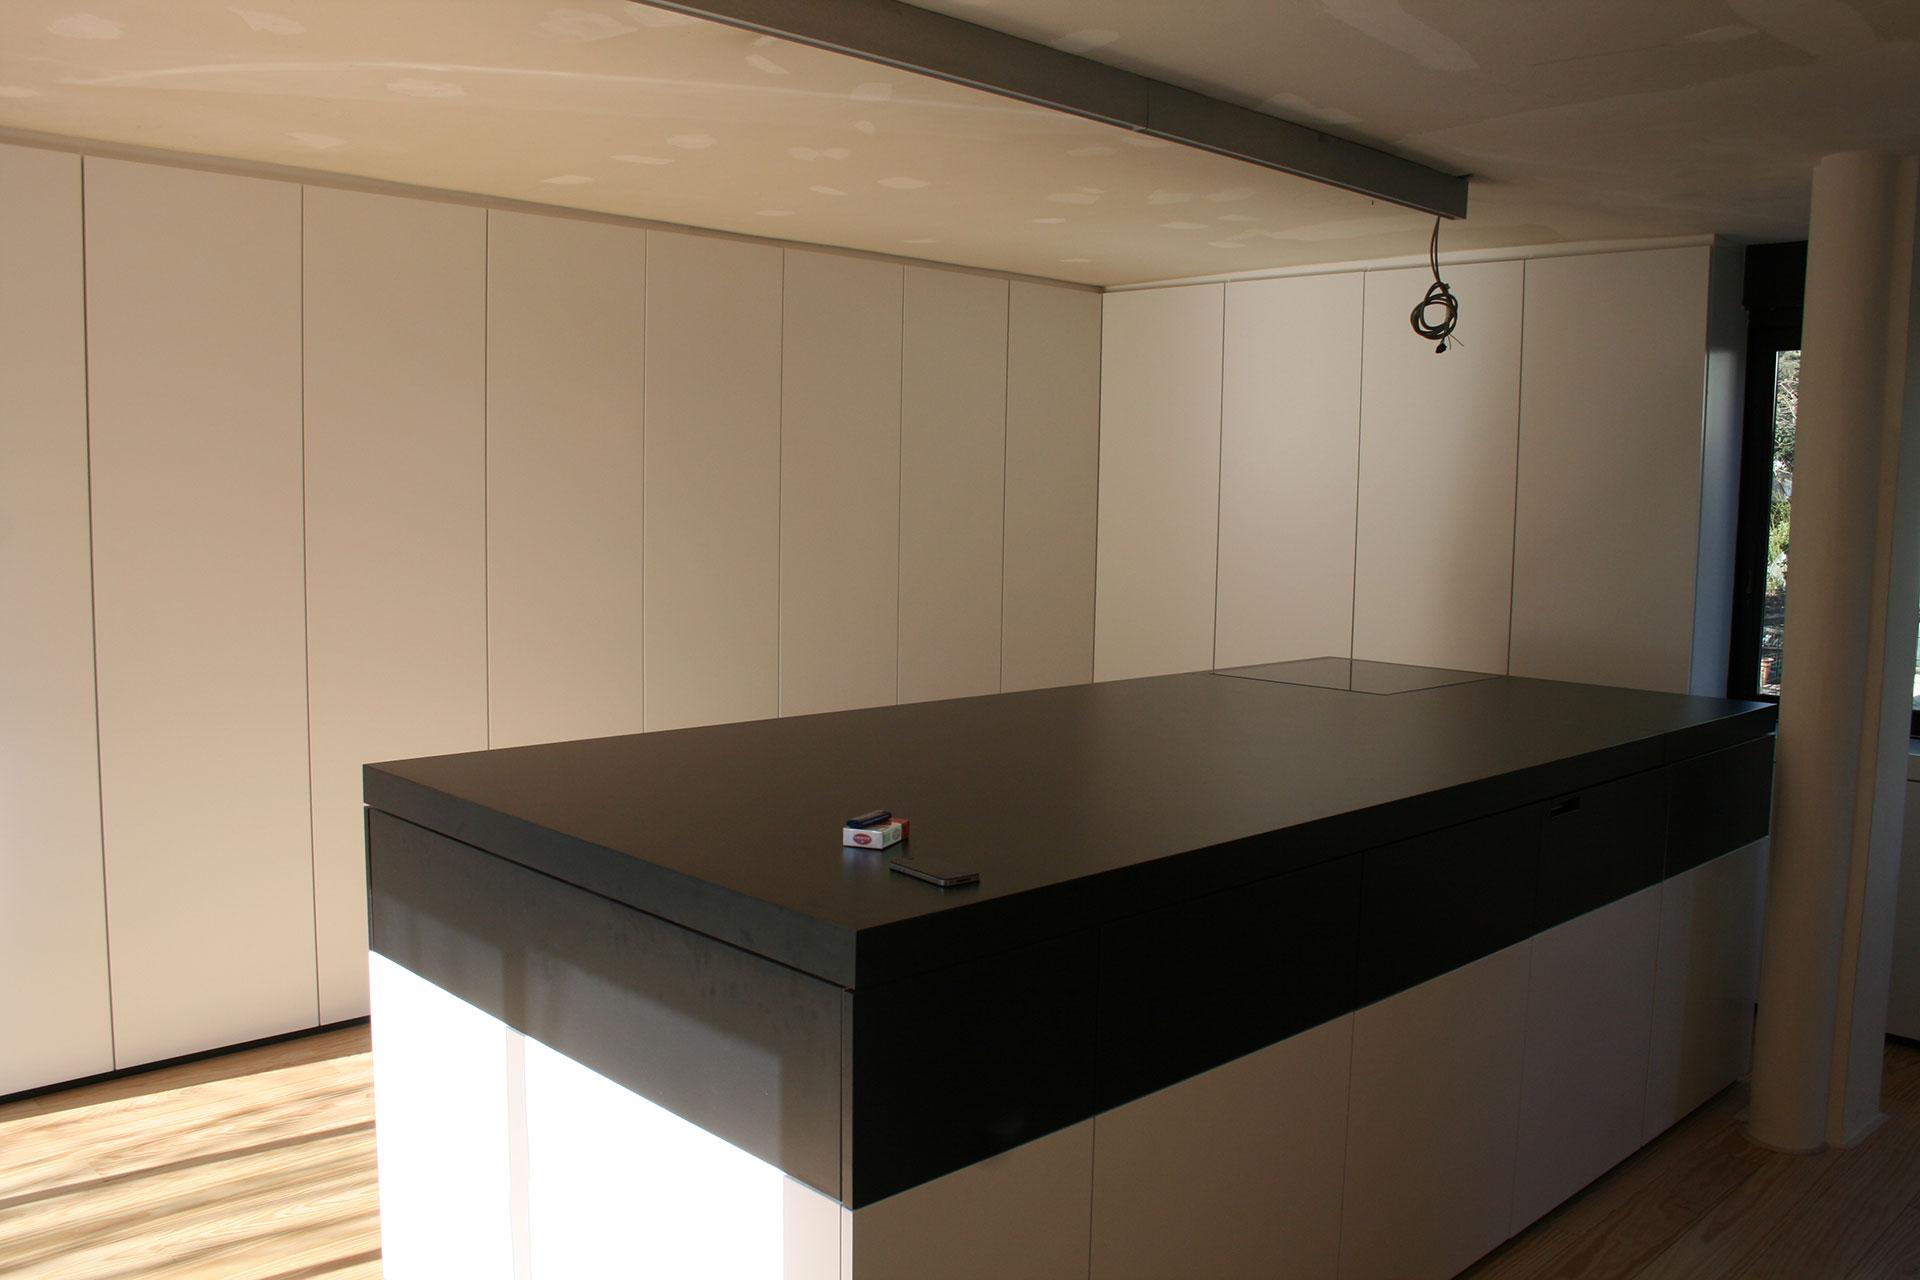 Cuisine-Le-Corbusier_004